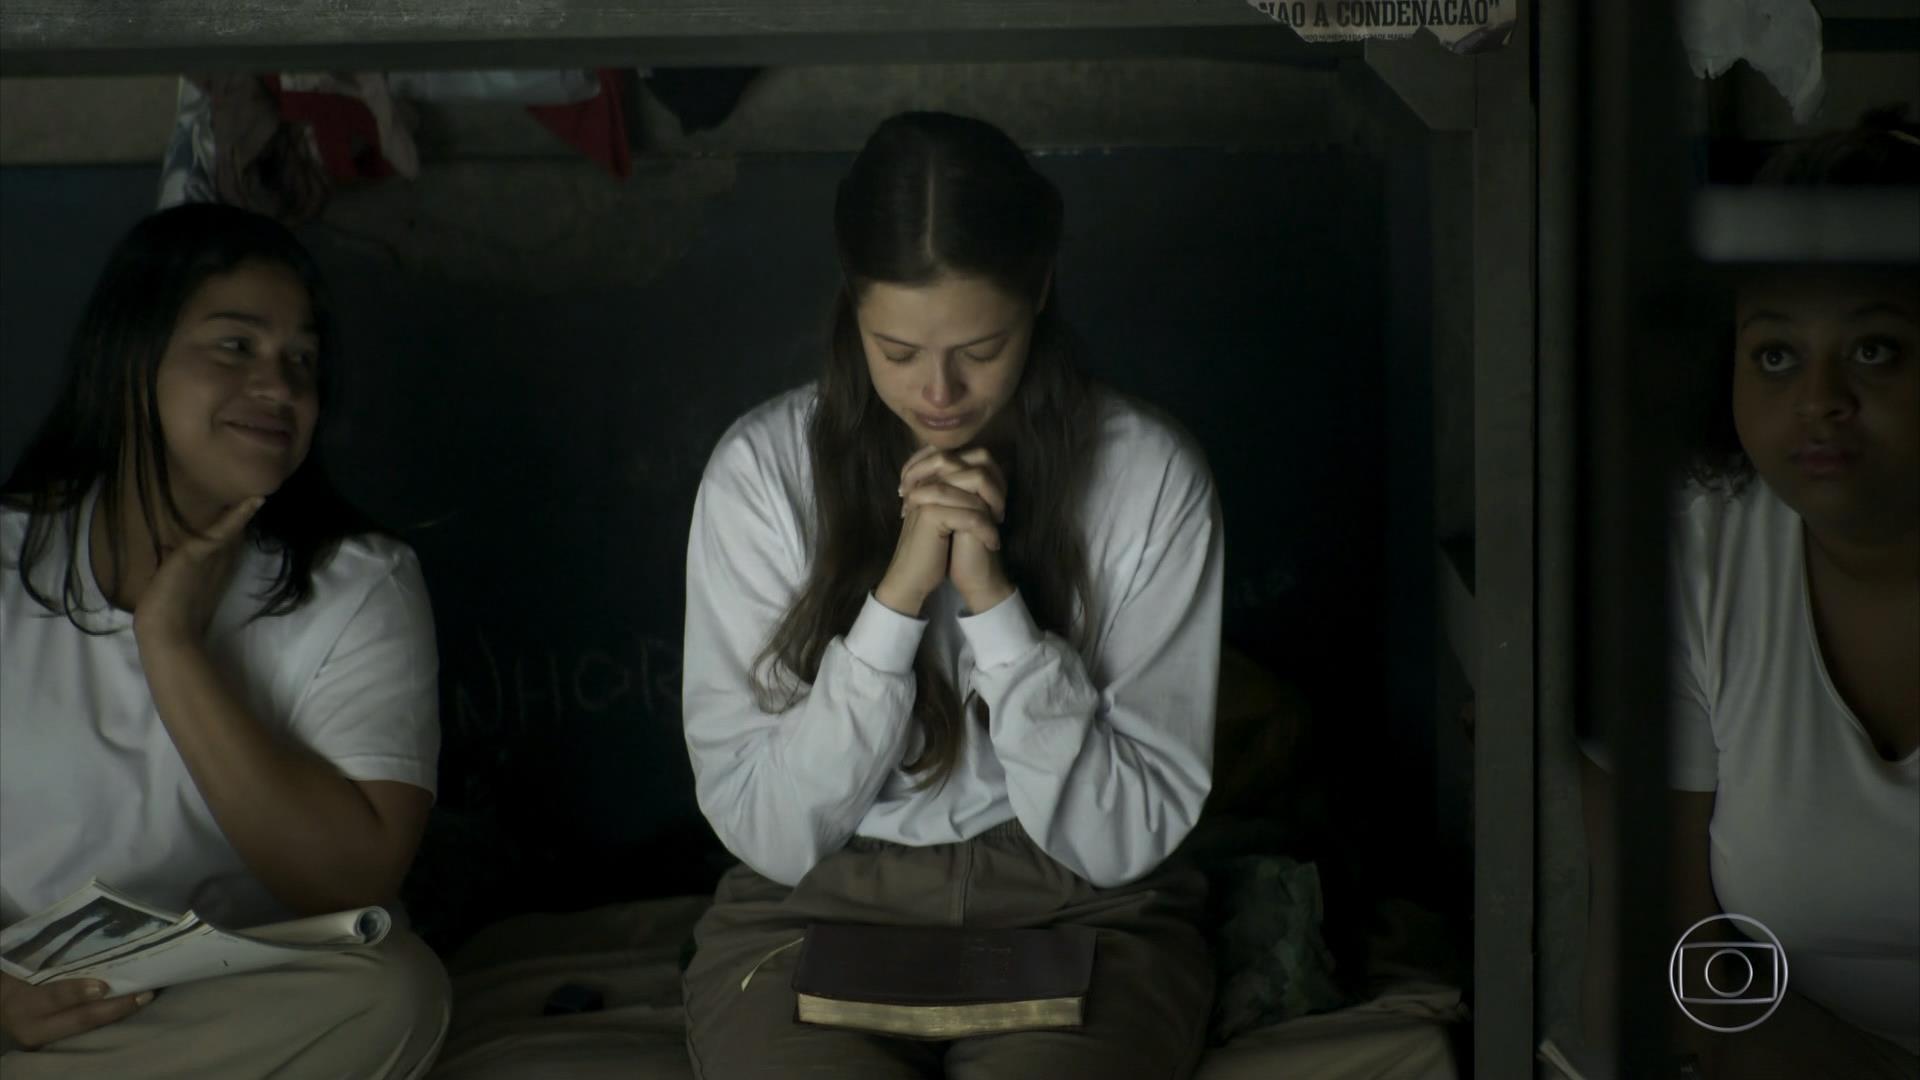 Josiane sai da cadeia em A Dona do Pedaço (Foto: Reprodução)